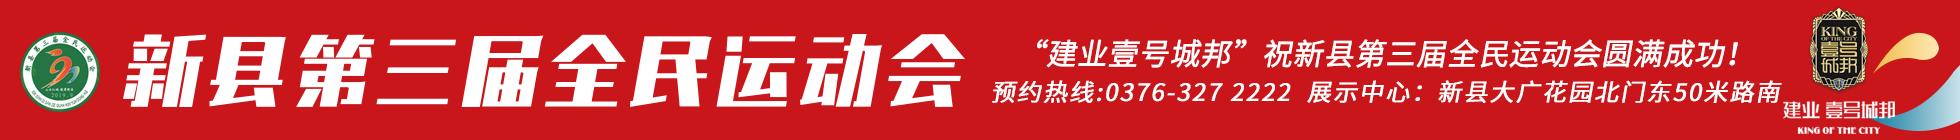 新县第三届全民运动会